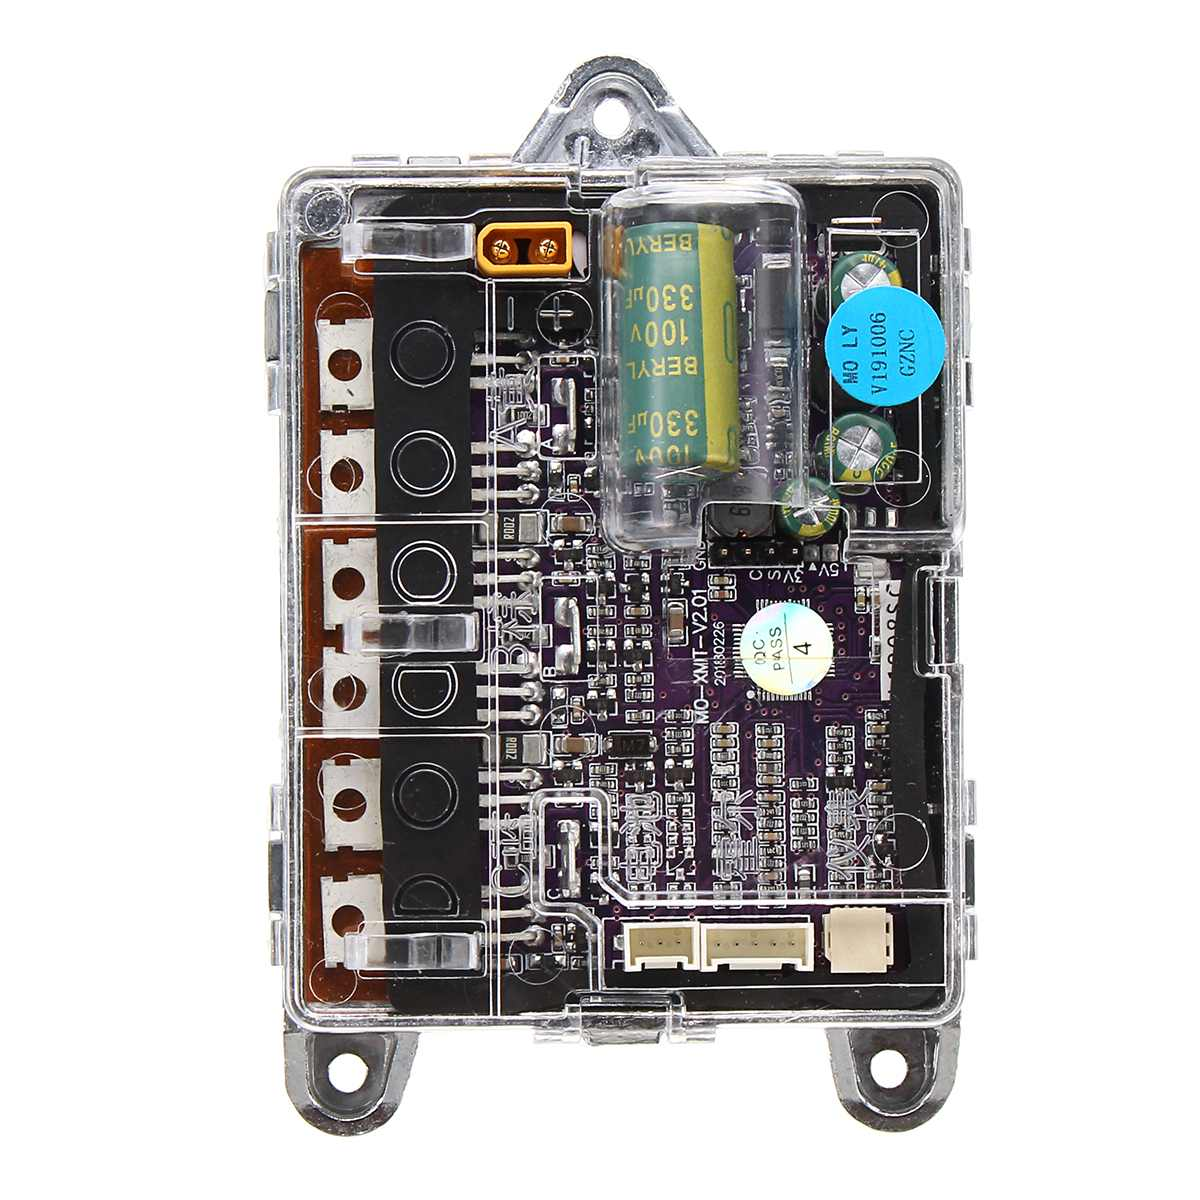 Pièces de rechange de carte mère d'esc de phare de carte mère de planche à roulettes de Scooter électrique de conseil de bluetooth pour le Scooter de XIAOMI m365